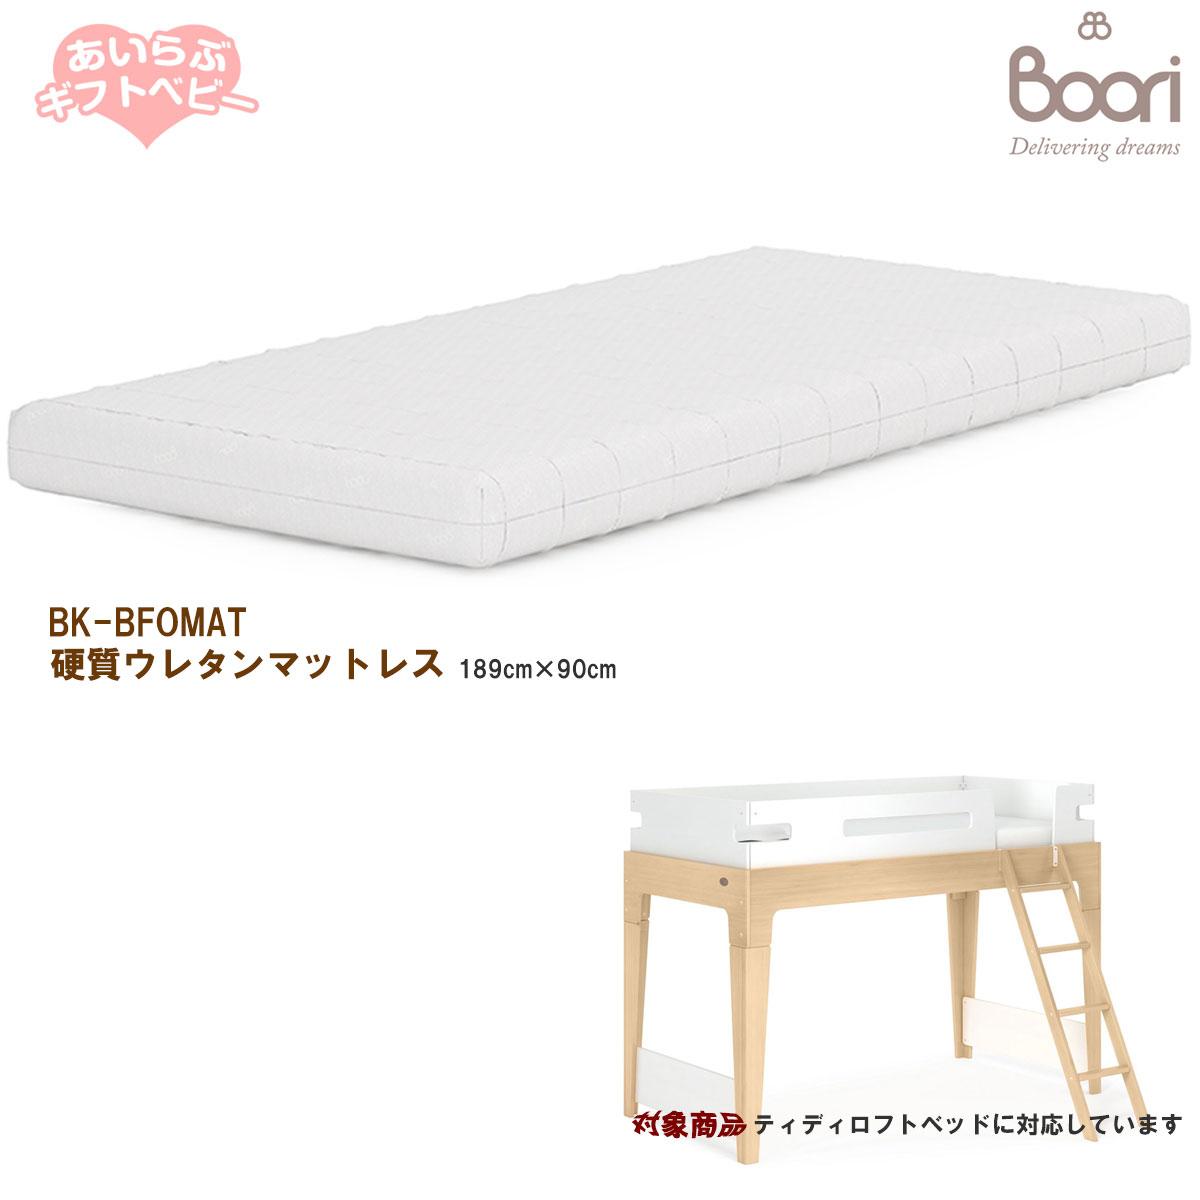 【送料無料】BOORIブーリ硬質ウレタンマットレス(189cm×90cm)BK-BFOMAT/あかちゃんキッズ清潔